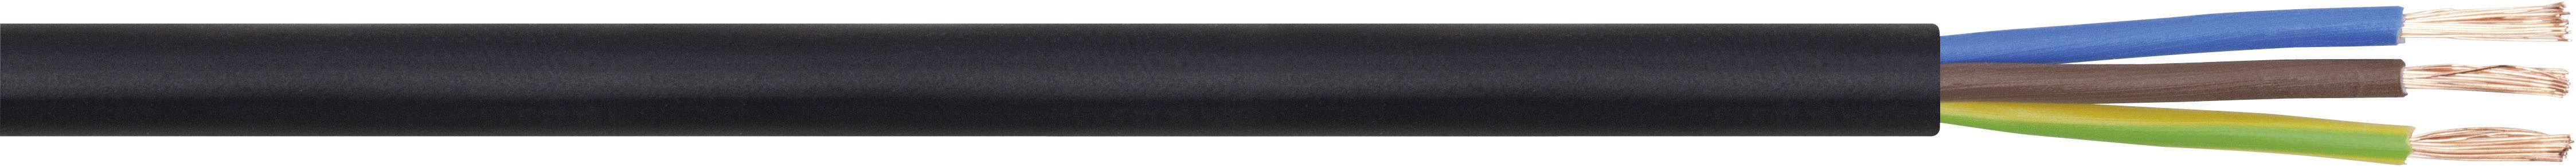 Vícežílový kabel LAPP H05VV-F, 49900075, 3 x 1 mm², černá, metrové zboží